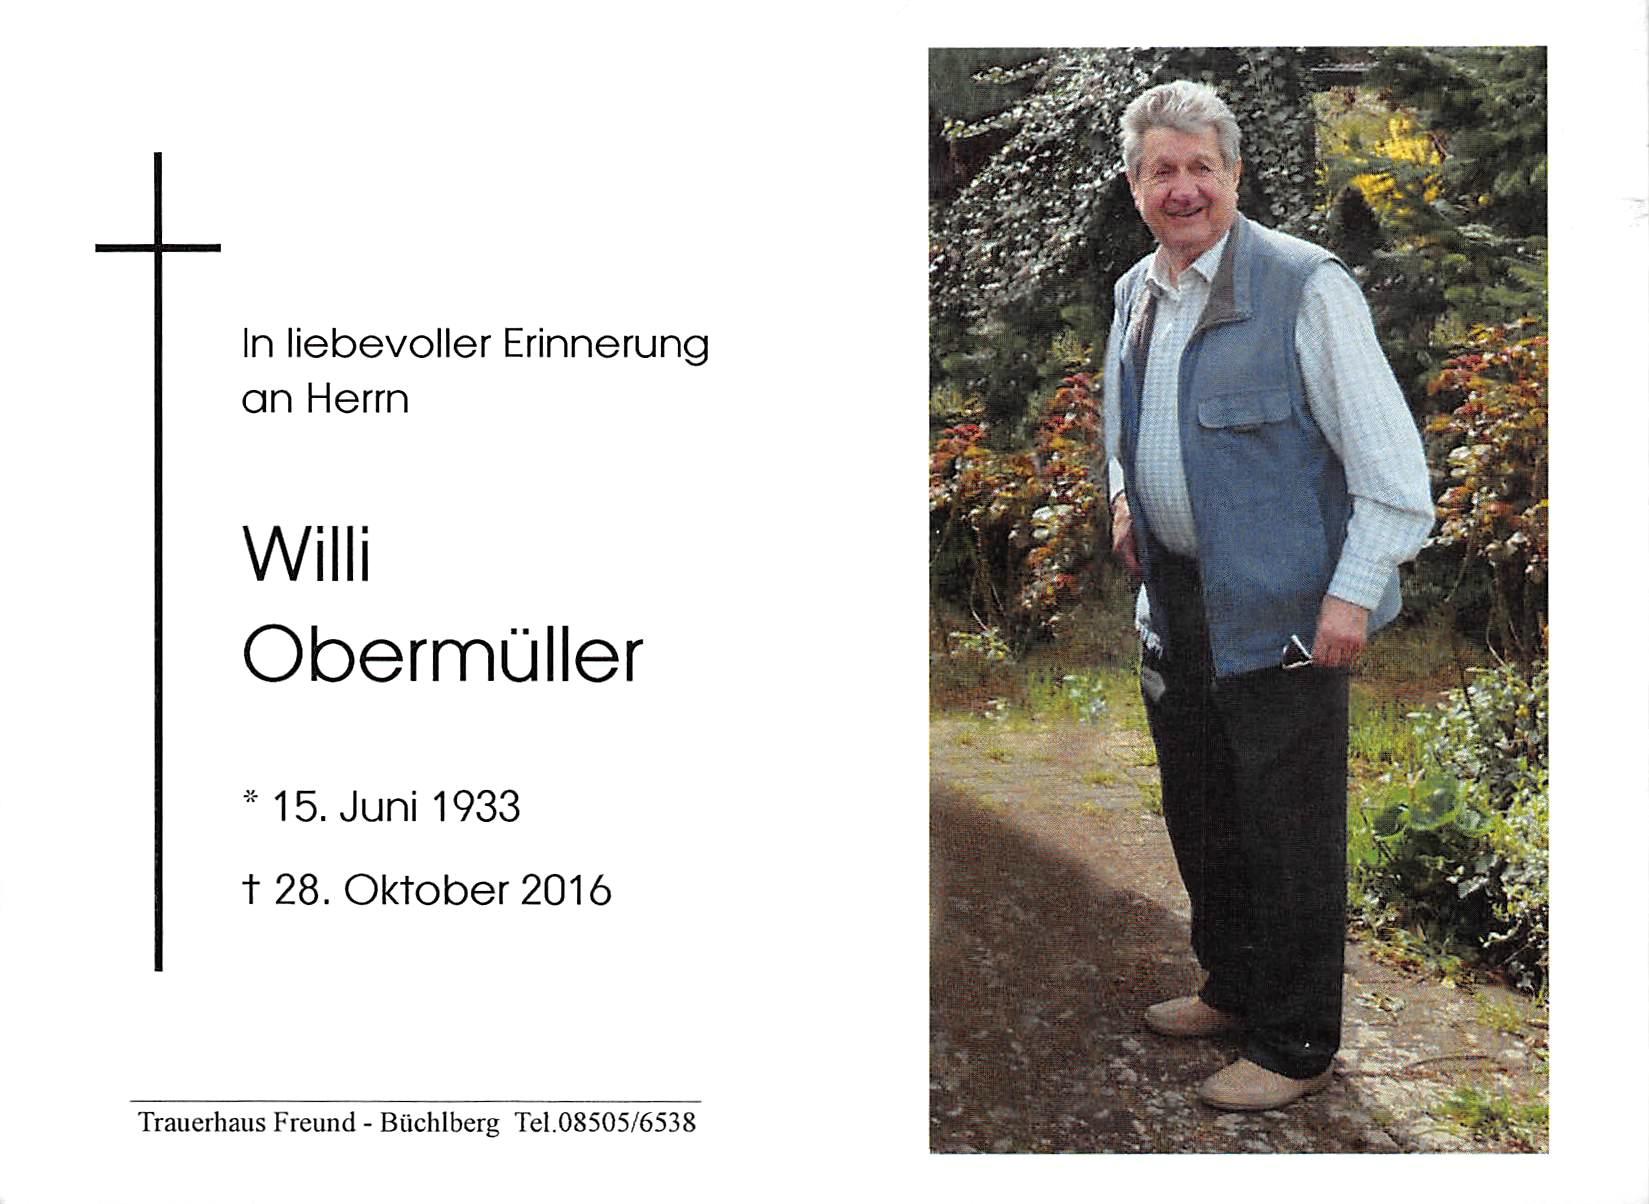 2016-10-28-Obermüller-Willi-Waldkirchen